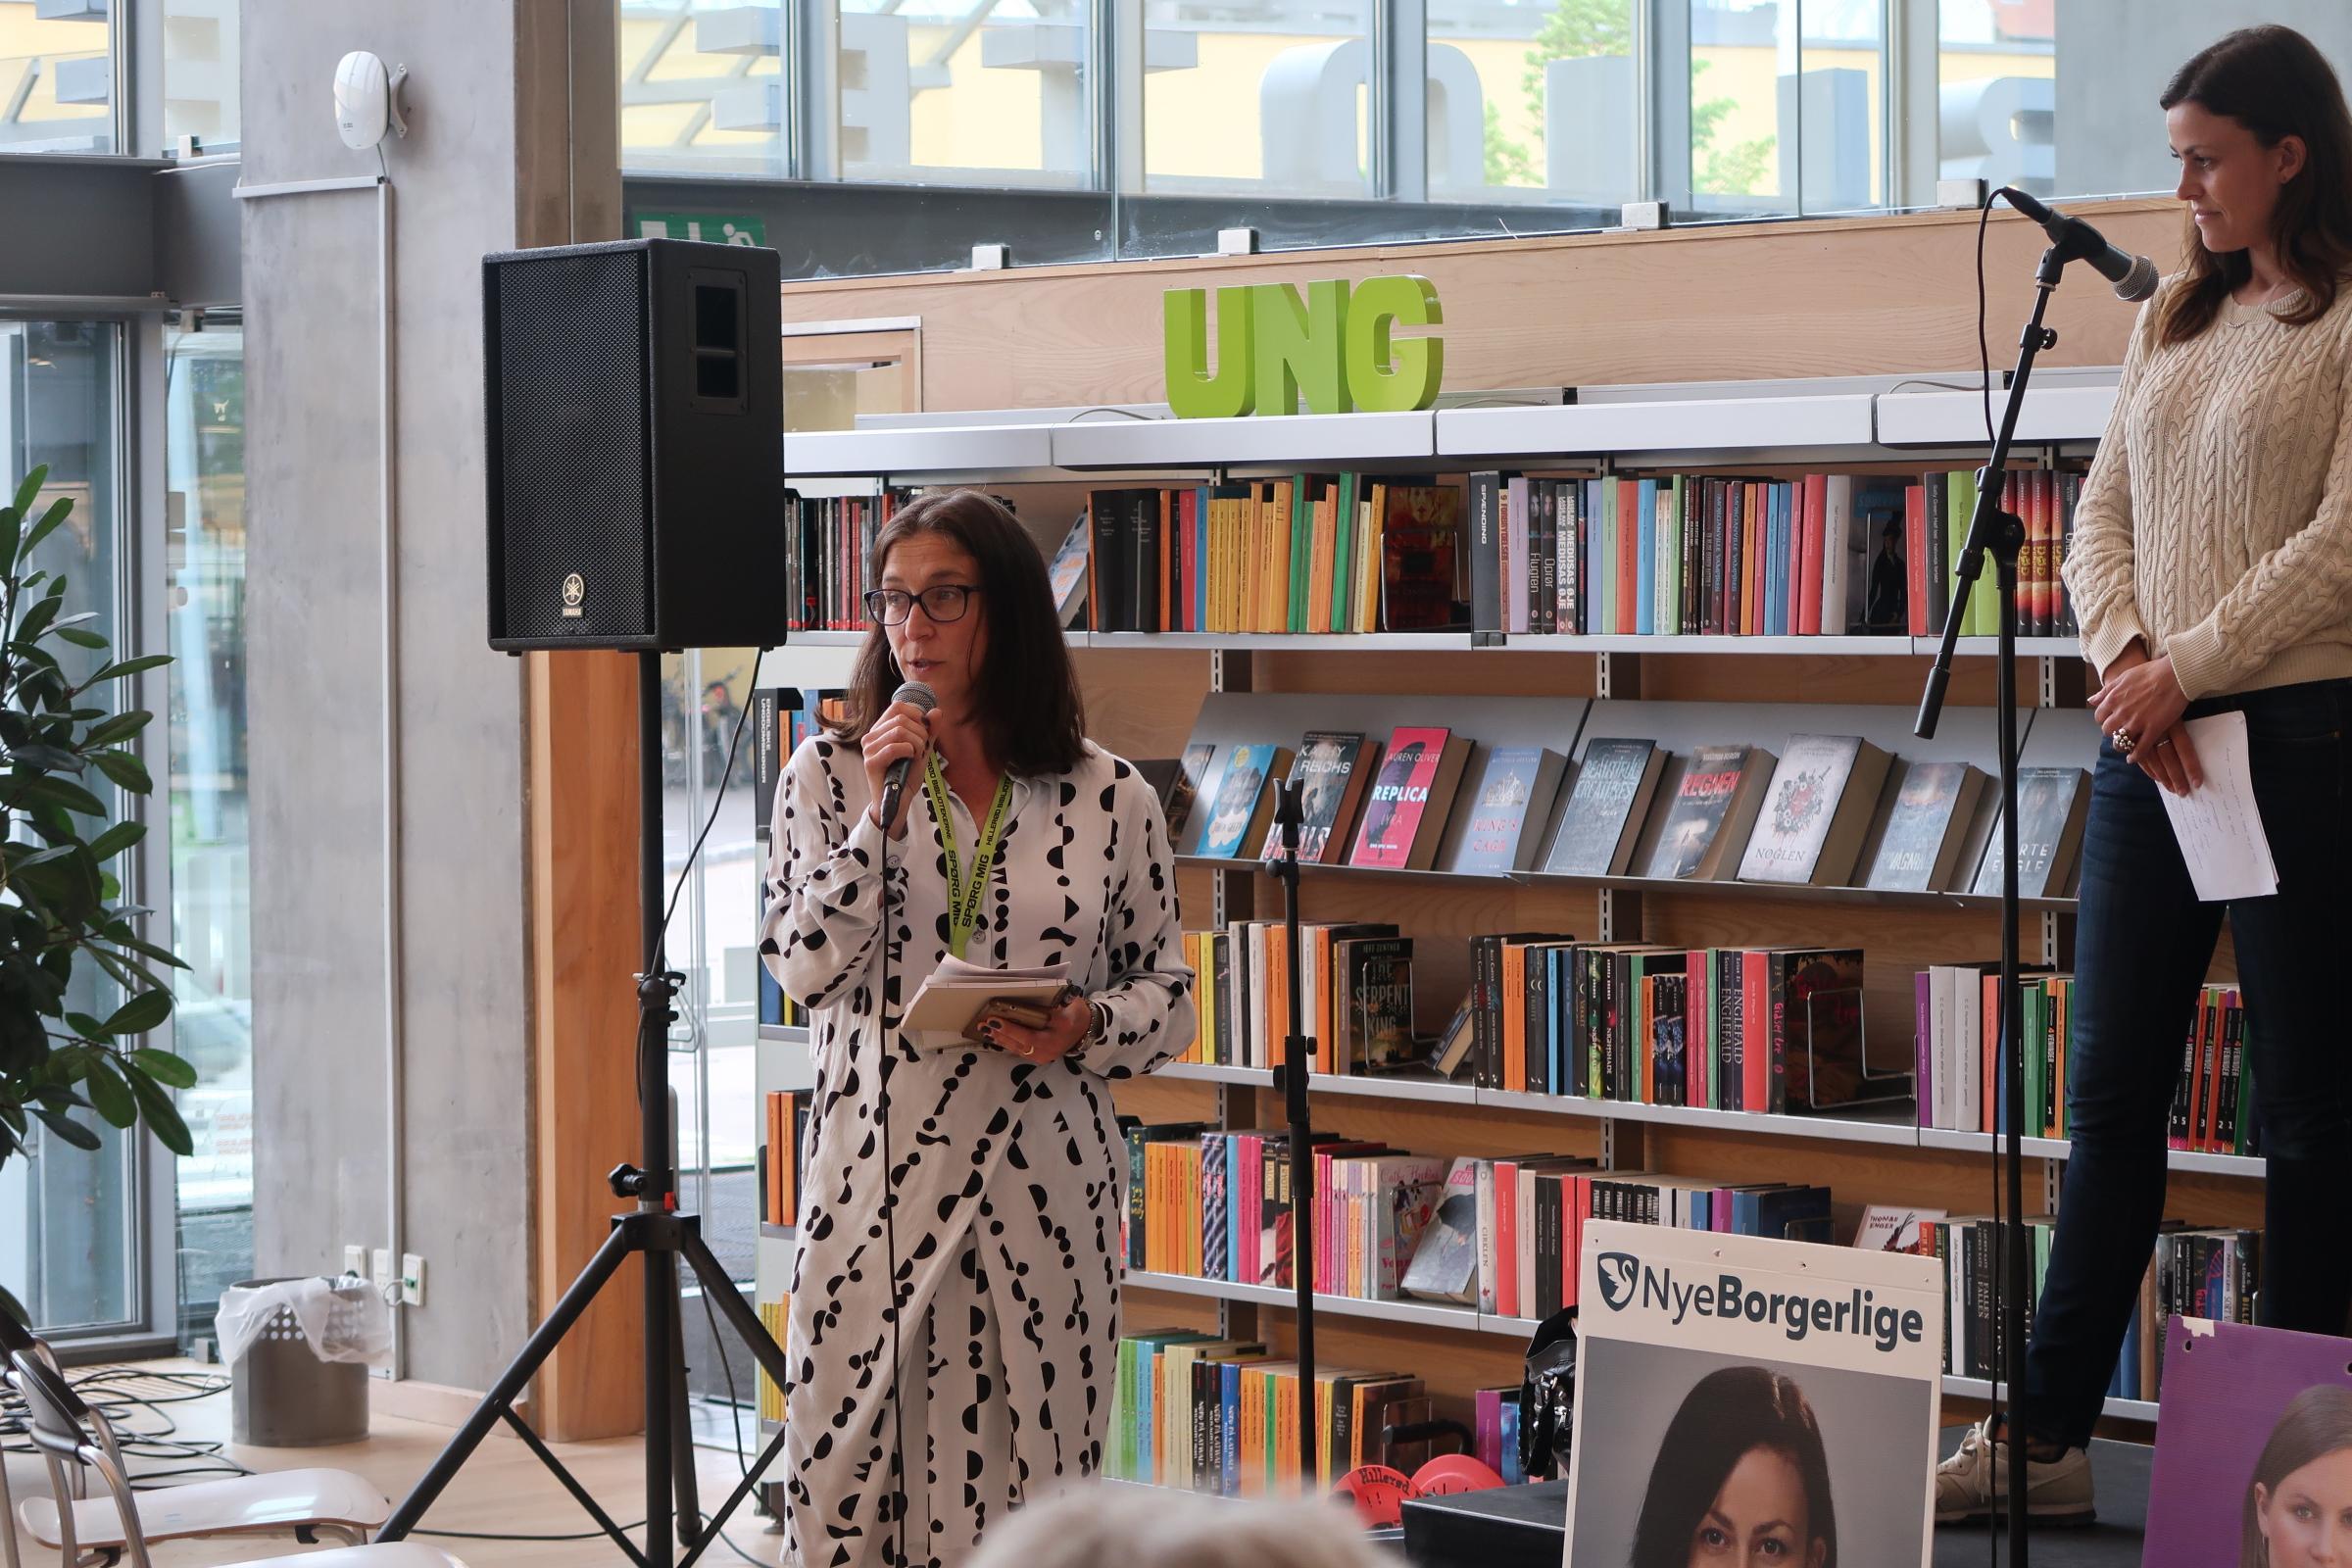 Det var bibliotekar Sarah Elizabeth Hvidberg, der var moderator på scenen, hvor politikerne debatterede emnerne sundhed og velfærd.